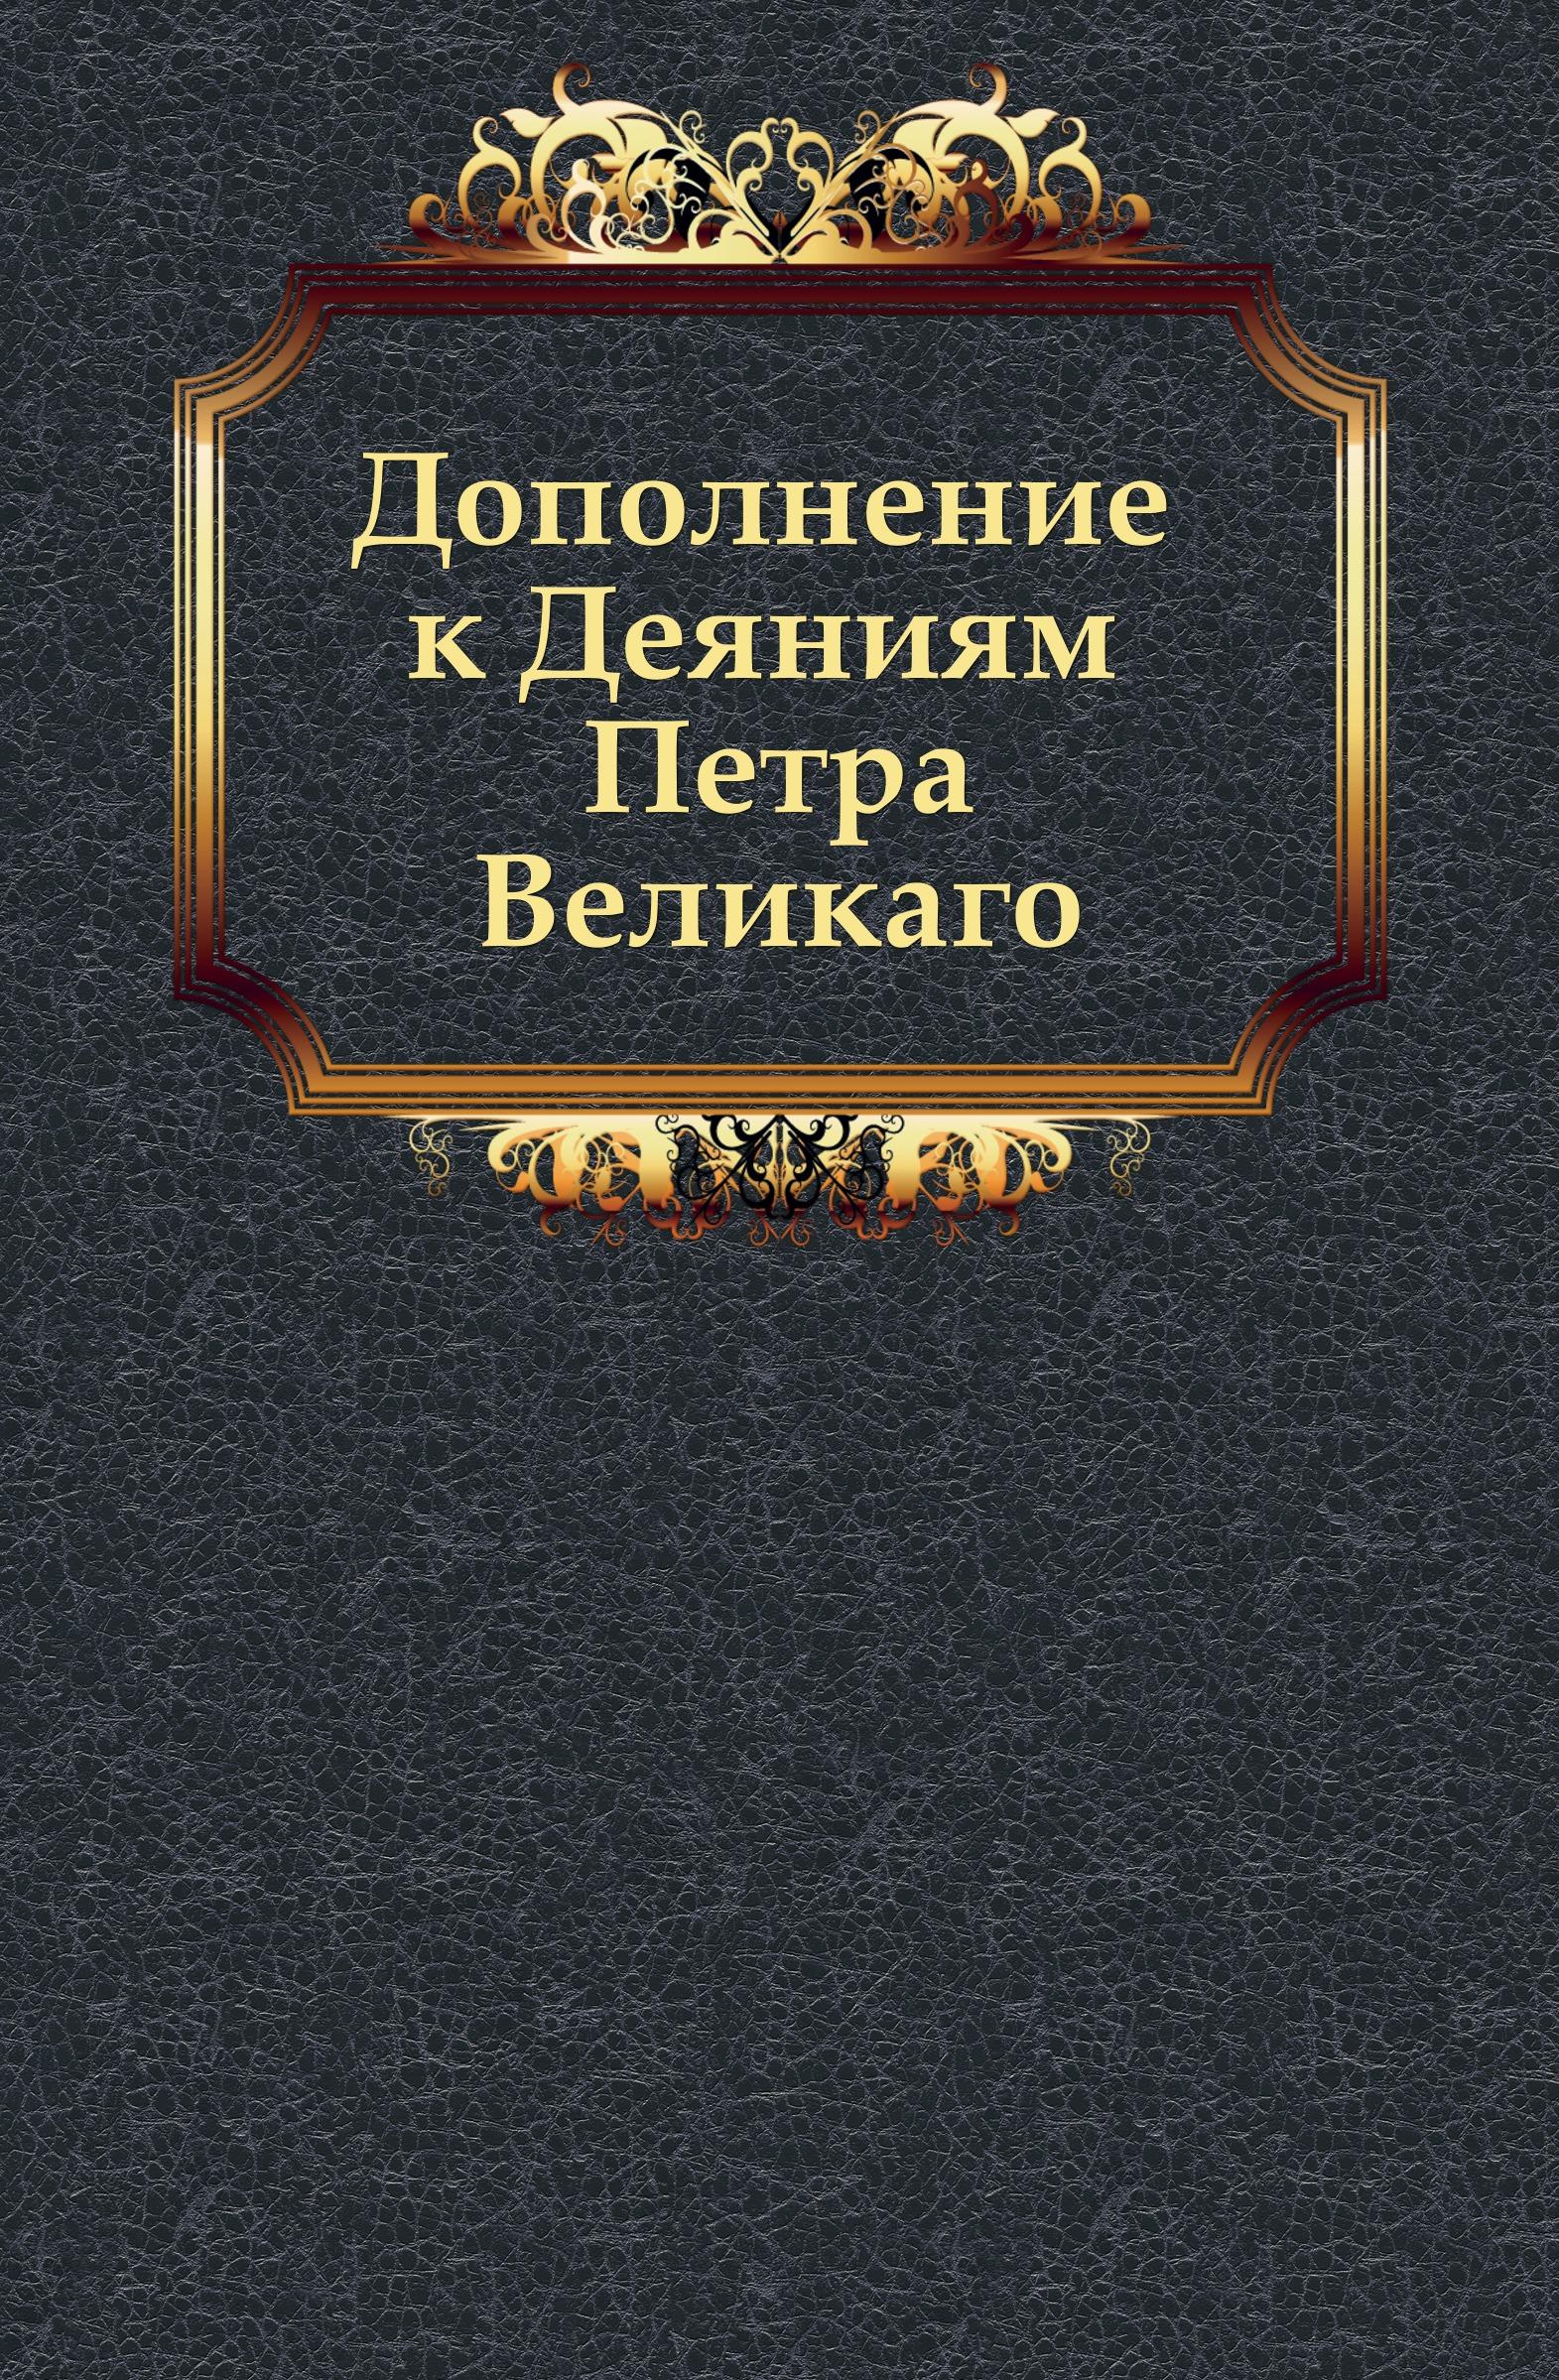 Неизвестный автор Дополнение к Деяниям Петра Великаго